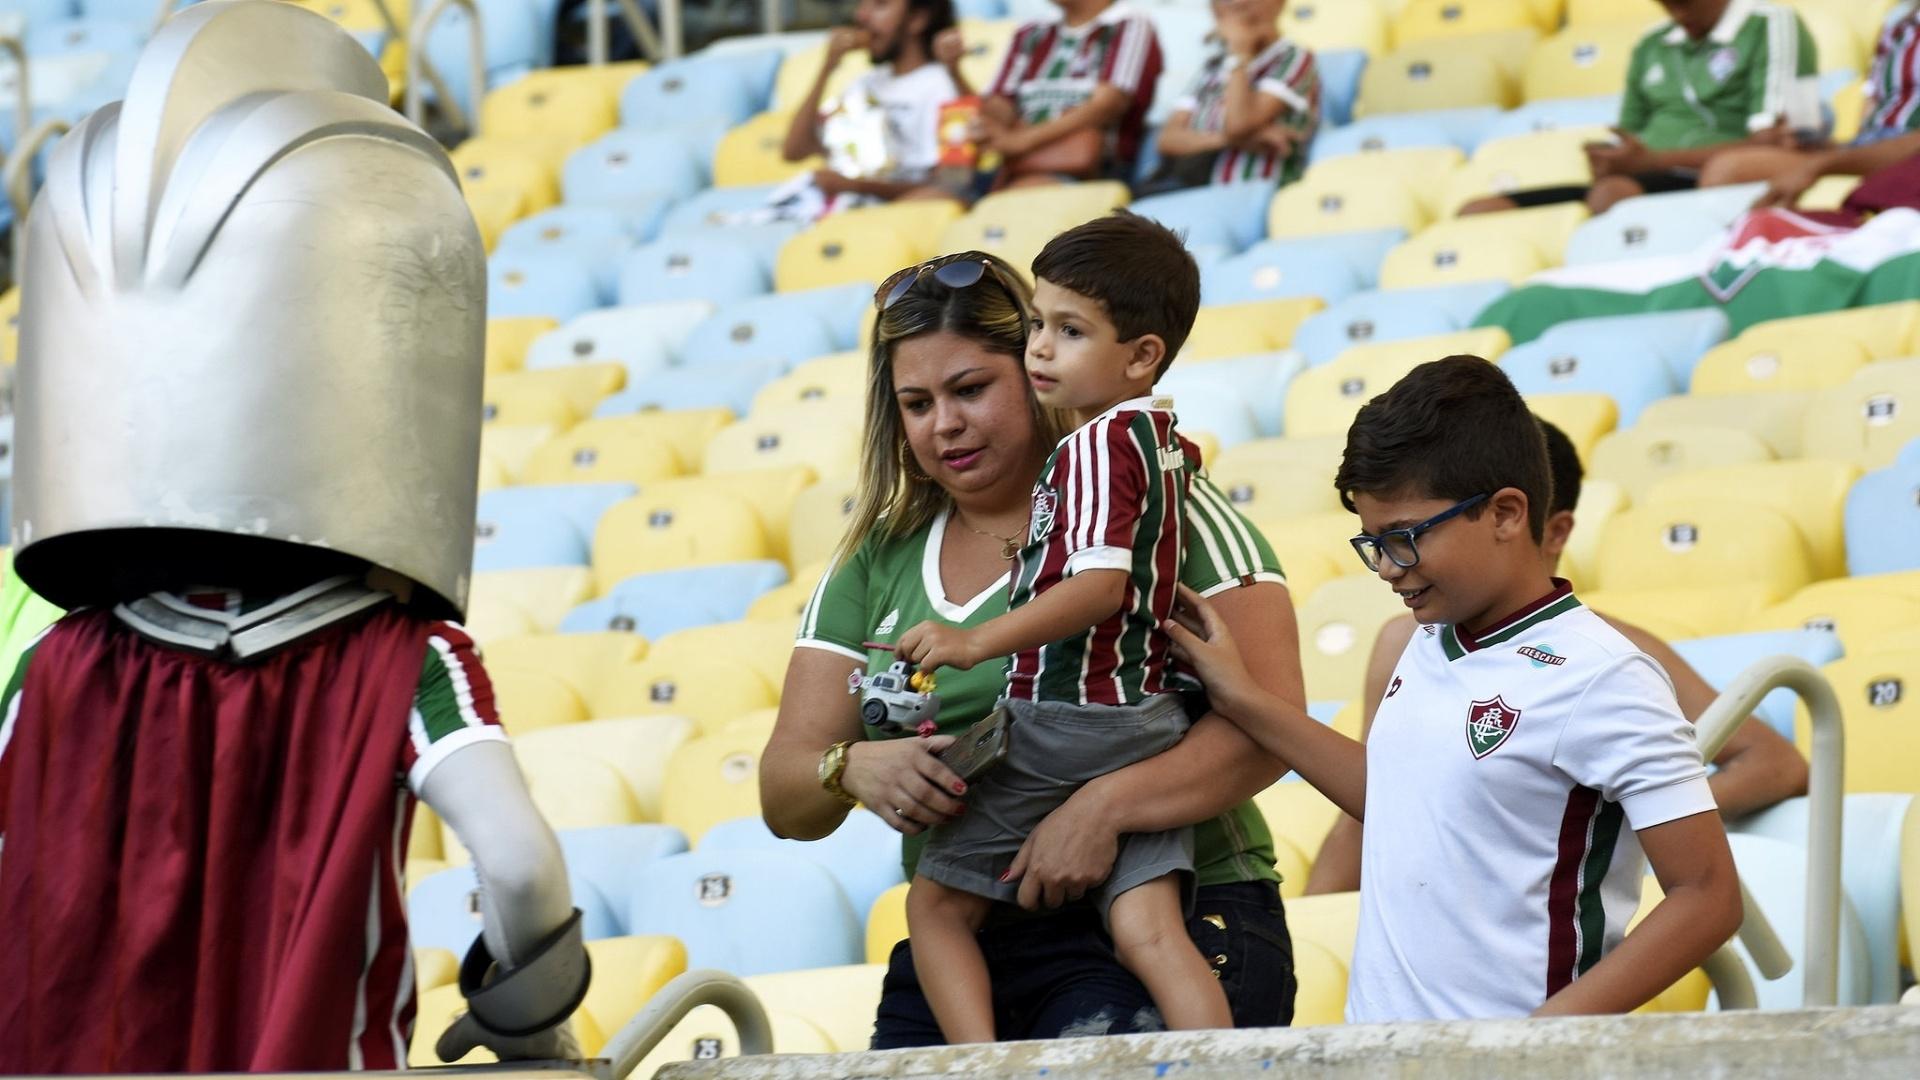 Crianças foram cumprimentadas pelo mascote do Fluminense no Maracanã